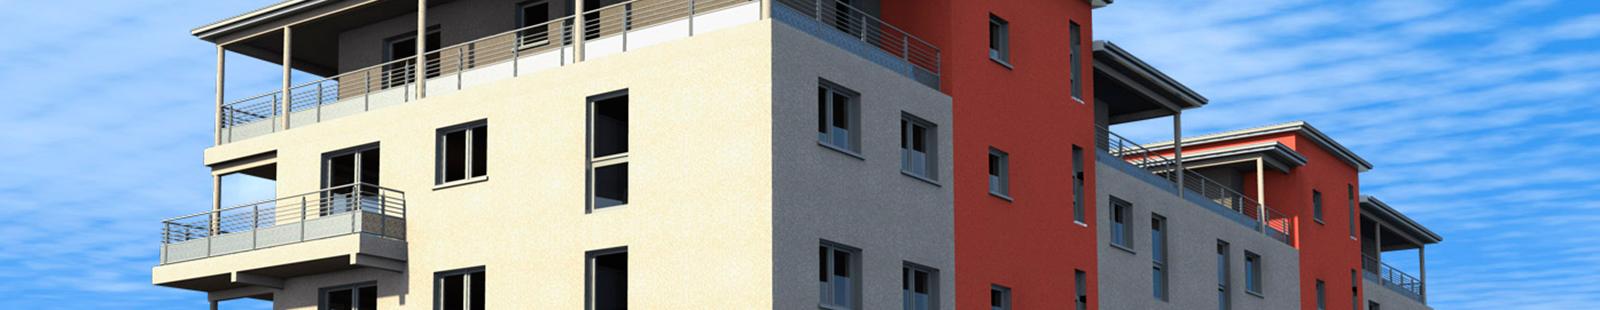 Nous proposons des logements dans le Doubs : Villers-le-Lac, Val de Morteau, Valdahon